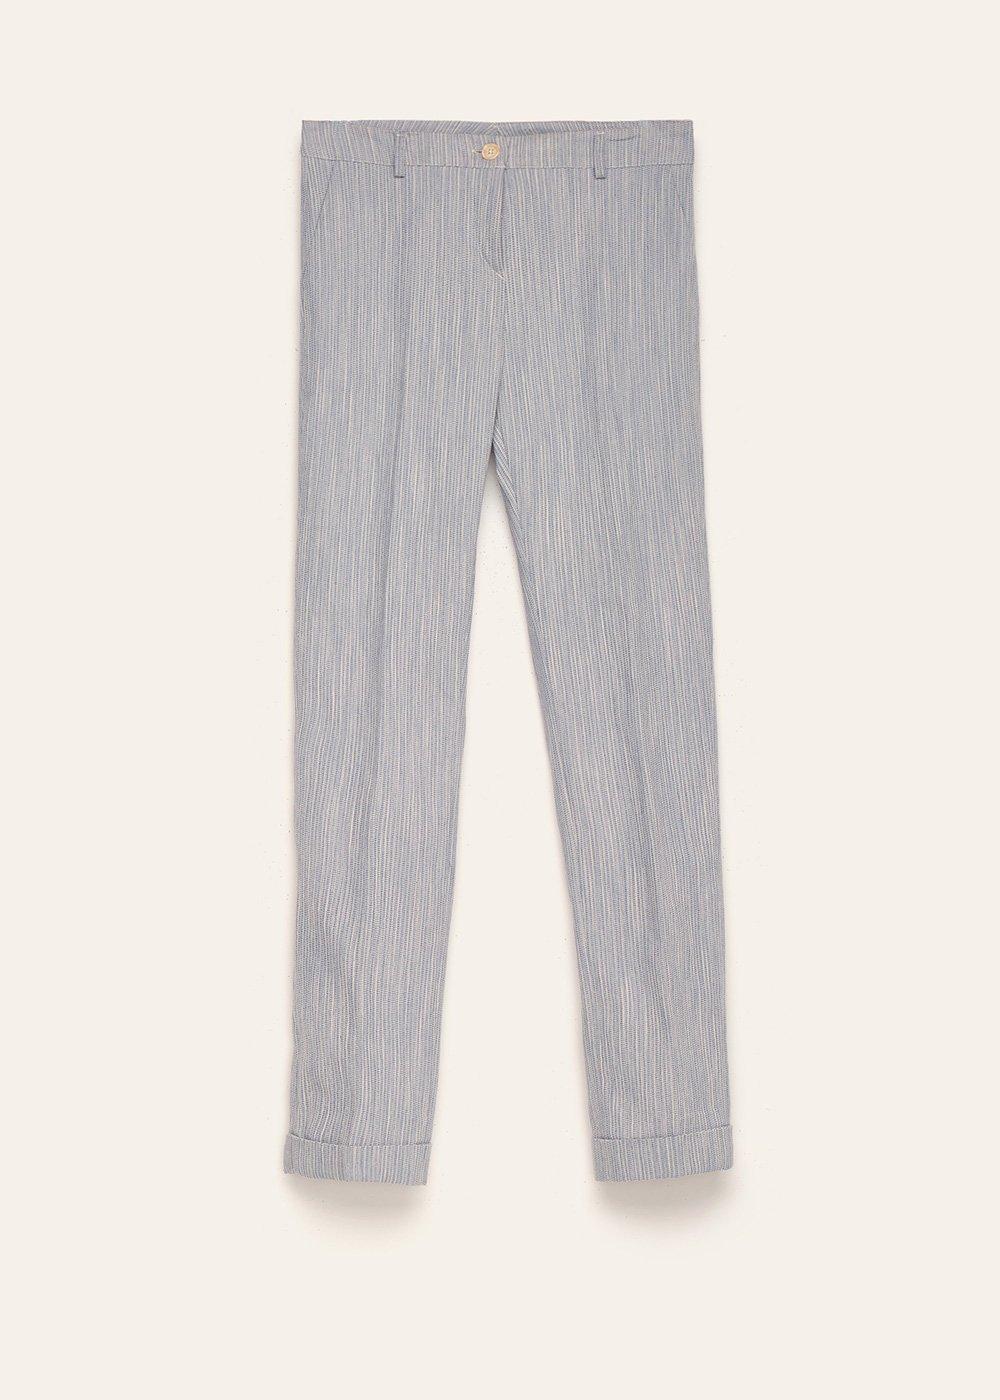 Pantalone Bella in cotone effetto rigato - Avion - Donna